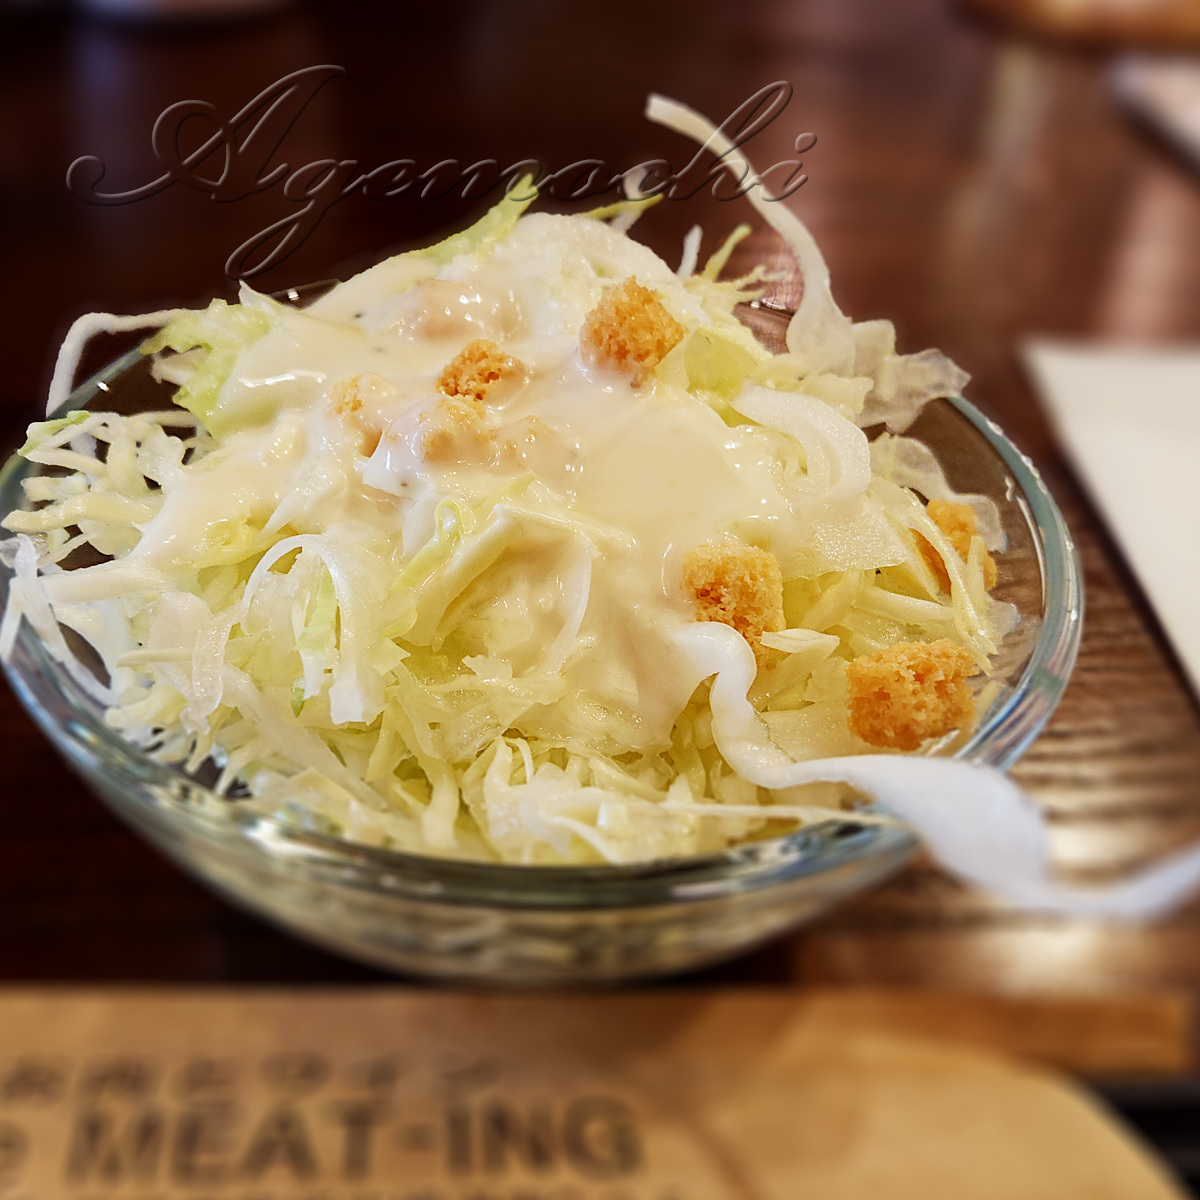 meating_salad.jpg